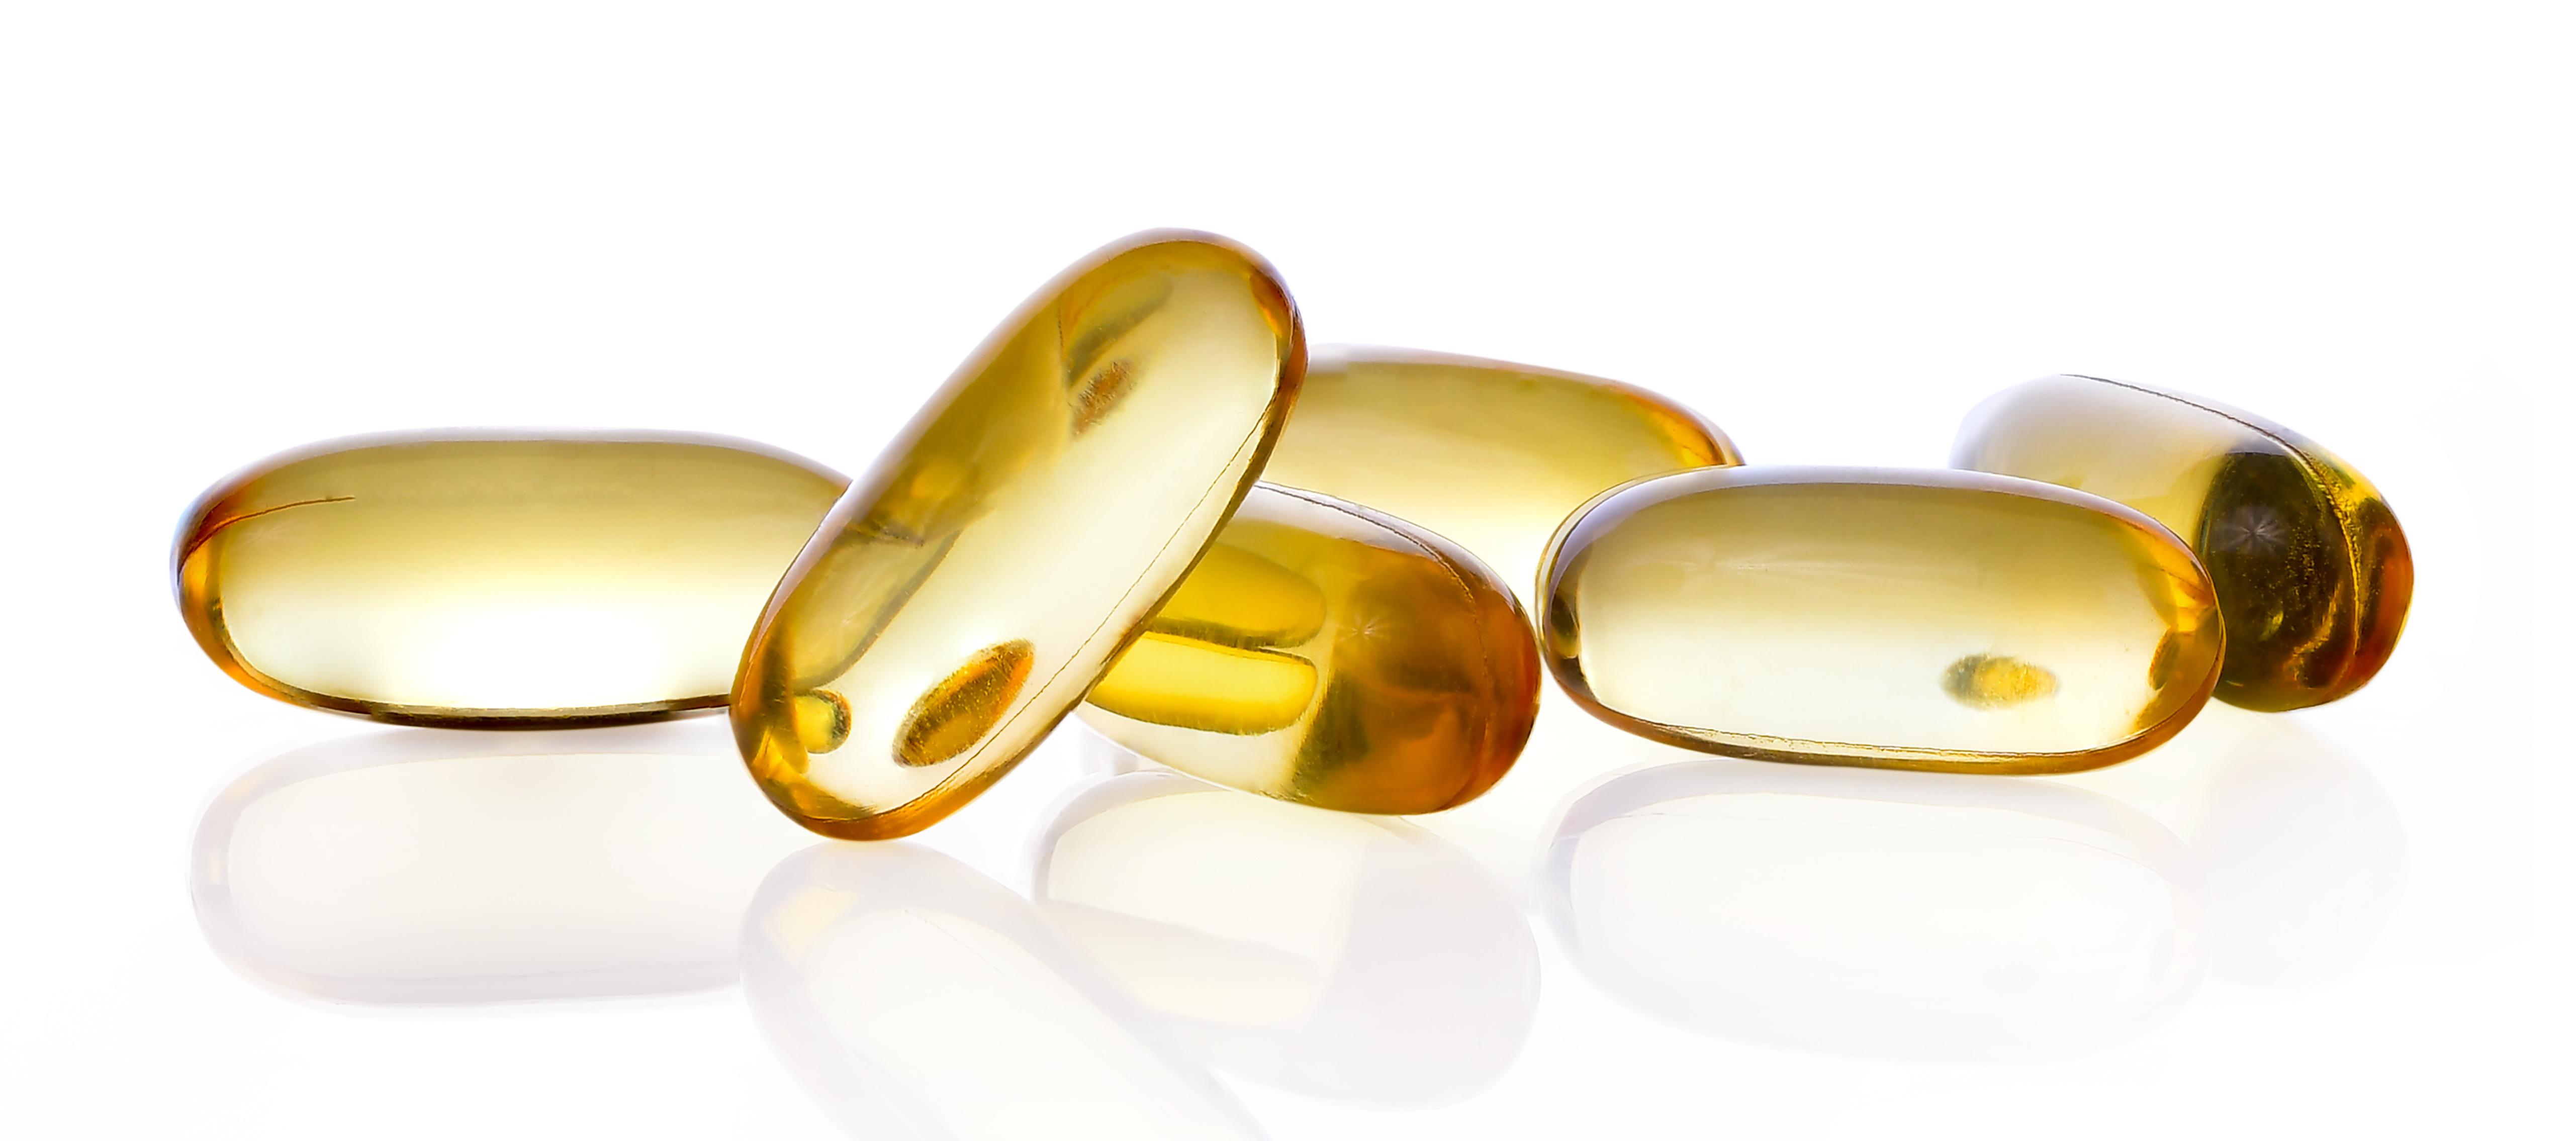 Ces suppléments sont associés à un risque accru de fibrillation auriculaire (FA) chez les personnes ayant des lipides sanguins élevés (Visuel Adobe Stock 243013117)